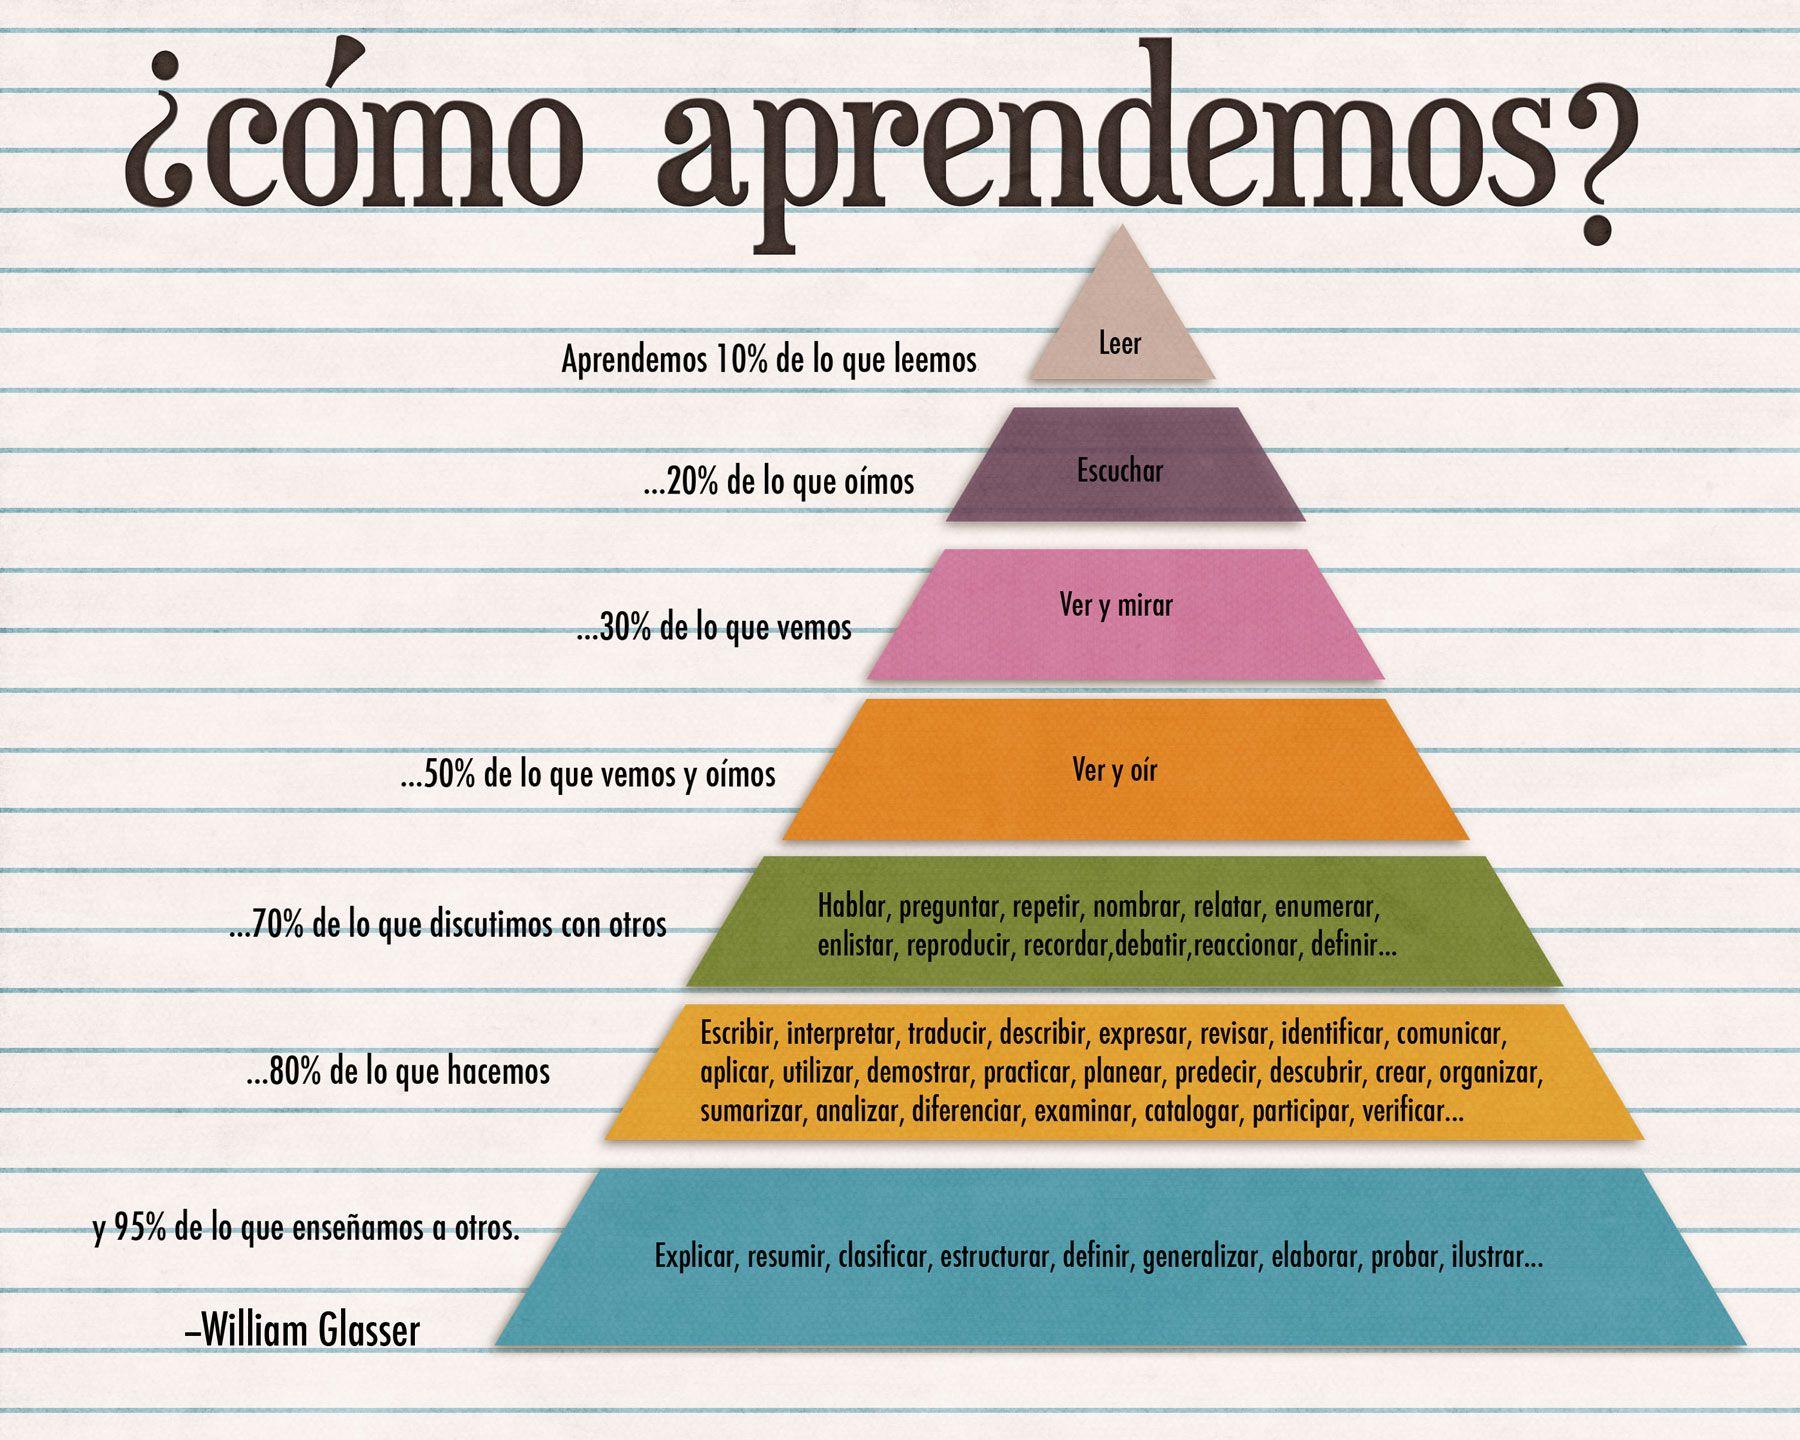 ¿Cómo aprendemos? Gráfico basado en las conclusiones del psiquiatra William Glasser.#fb